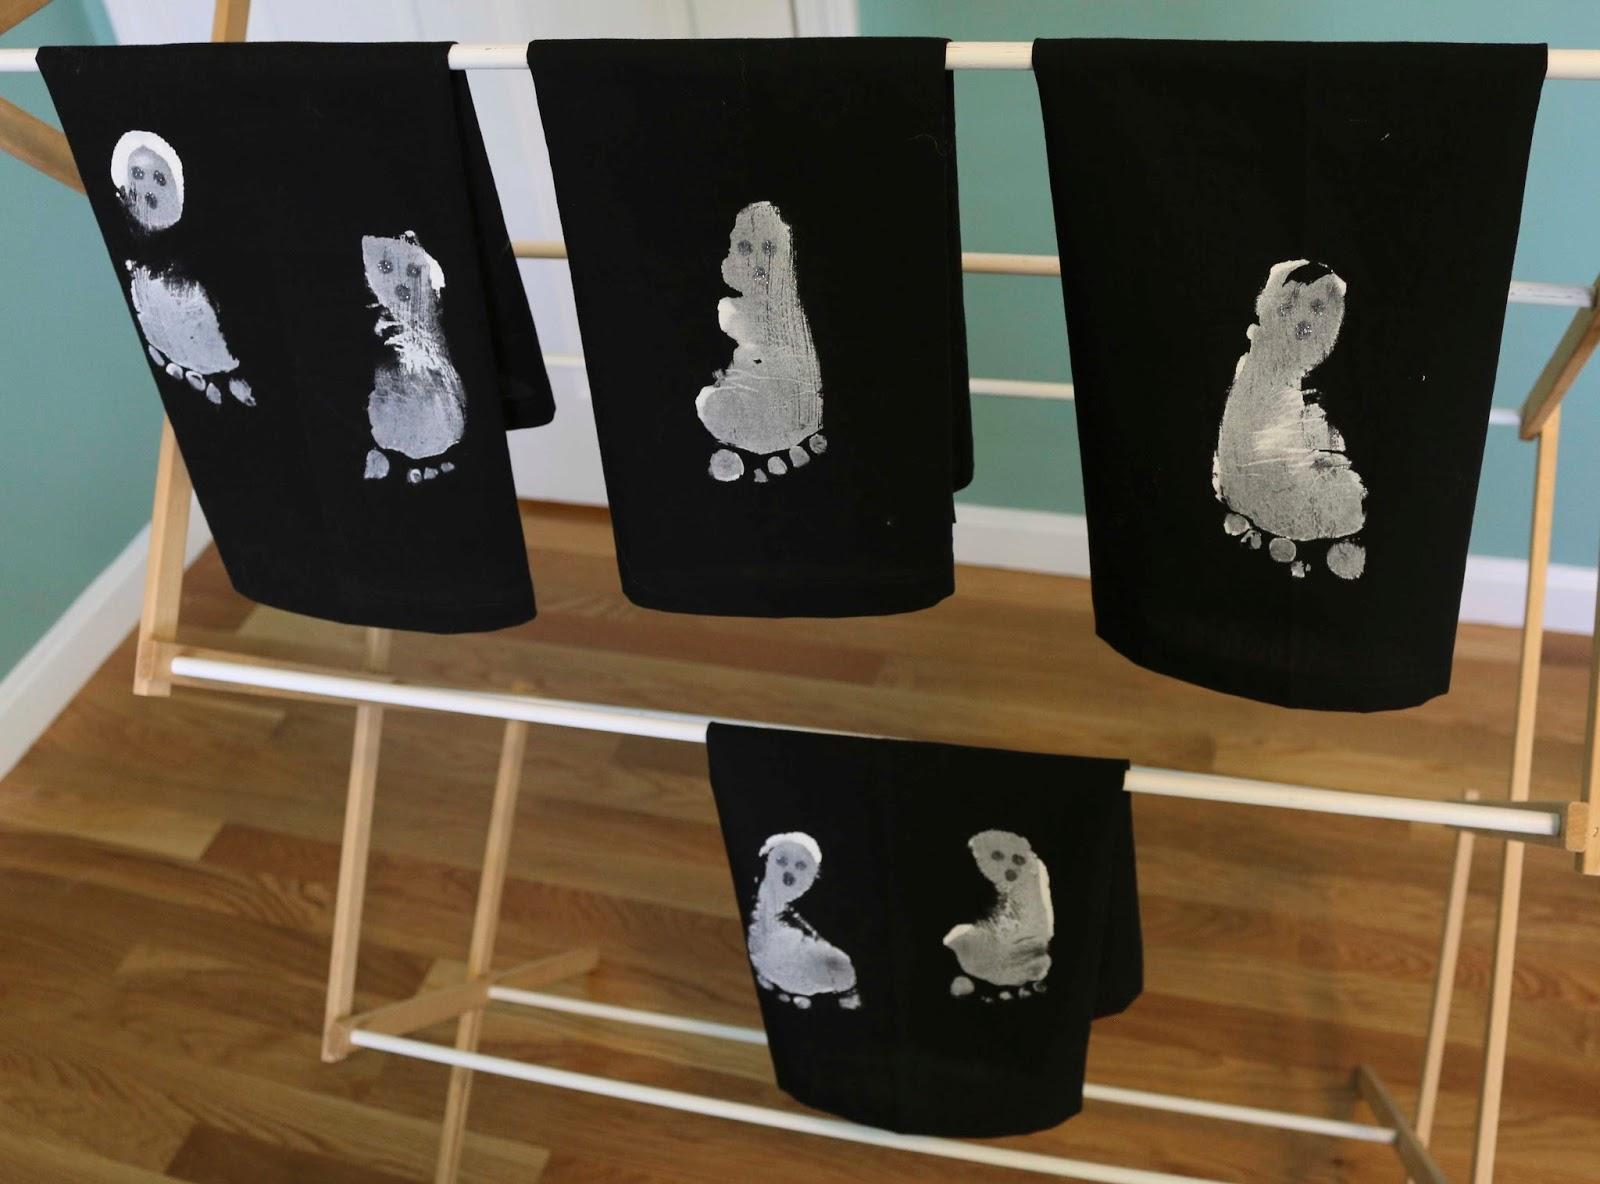 ChemKnits: Ghost Printed Tea Towels